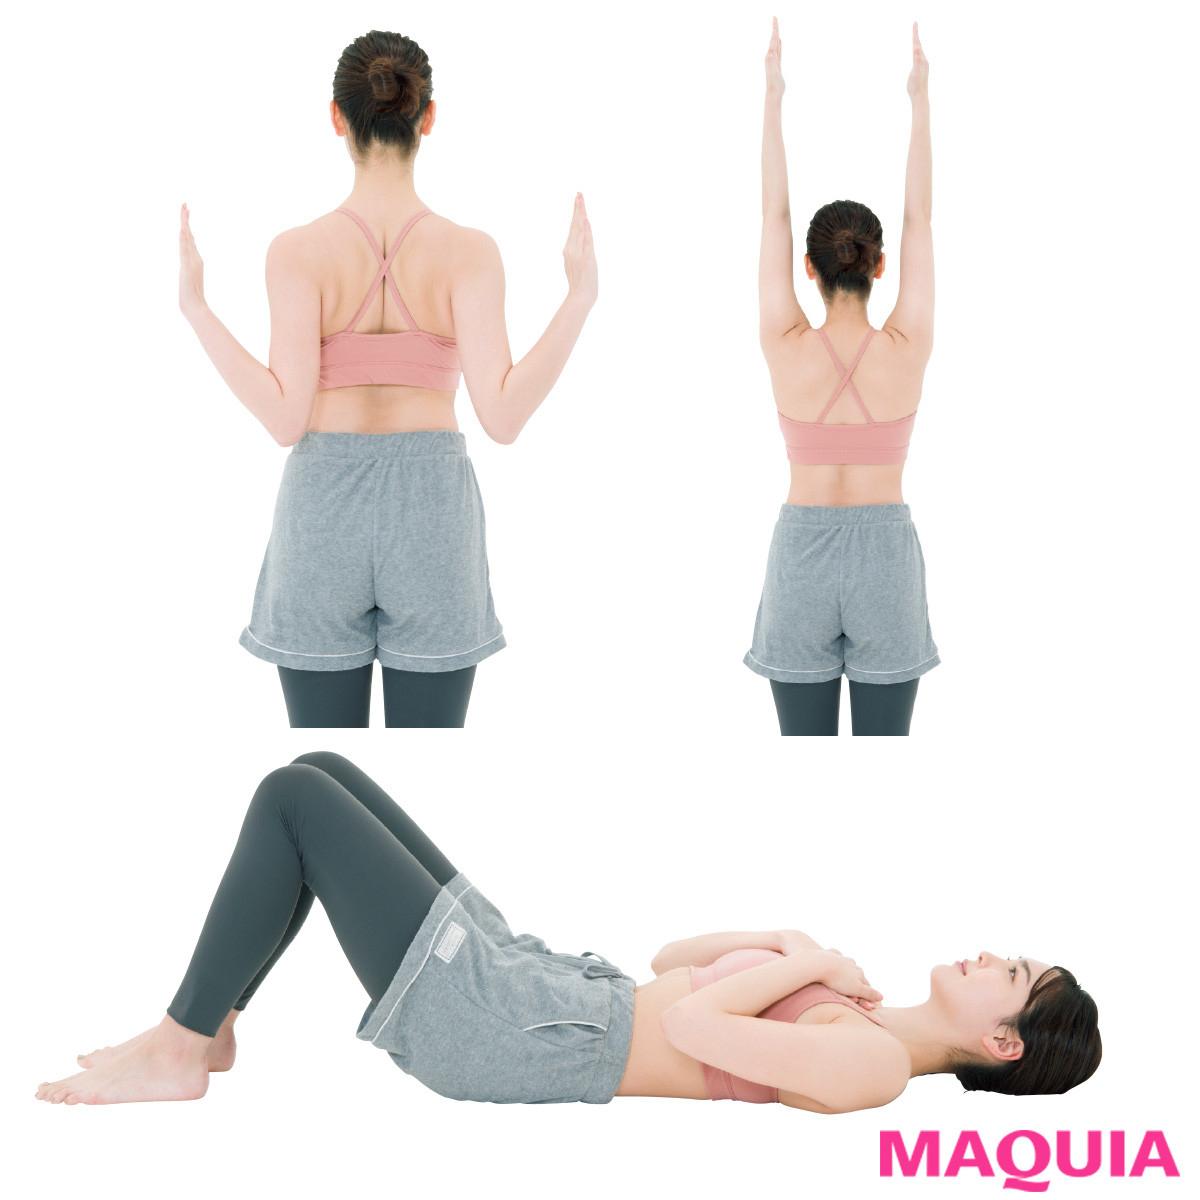 肩こり解消は、まず動かしてほぐすべし! 体幹意識で効果UP